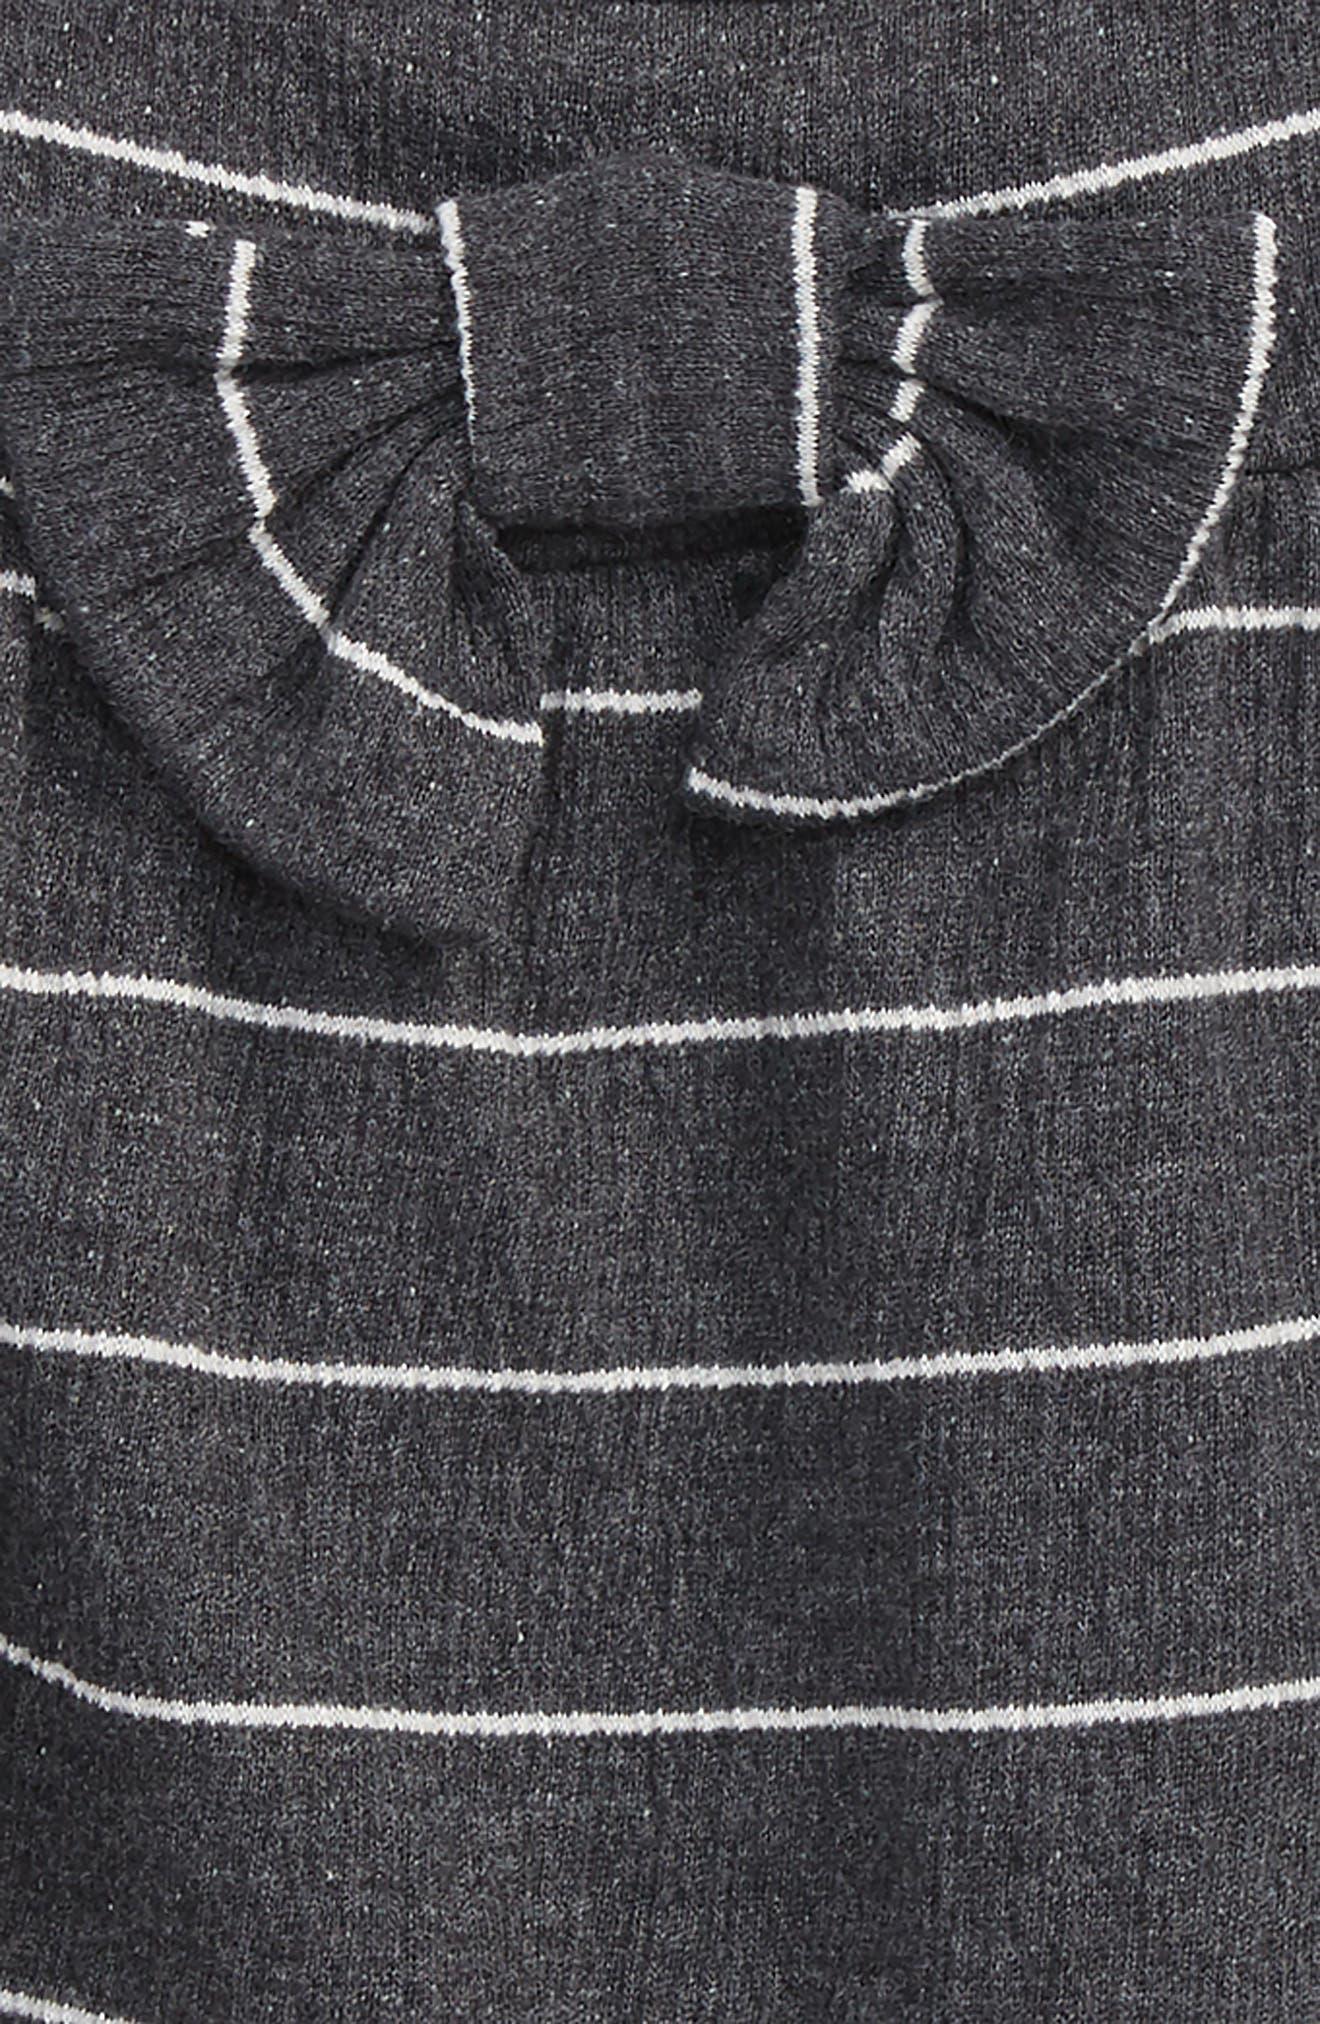 Stripe Tank & Shorts Set,                             Alternate thumbnail 2, color,                             BLACK STRIPE